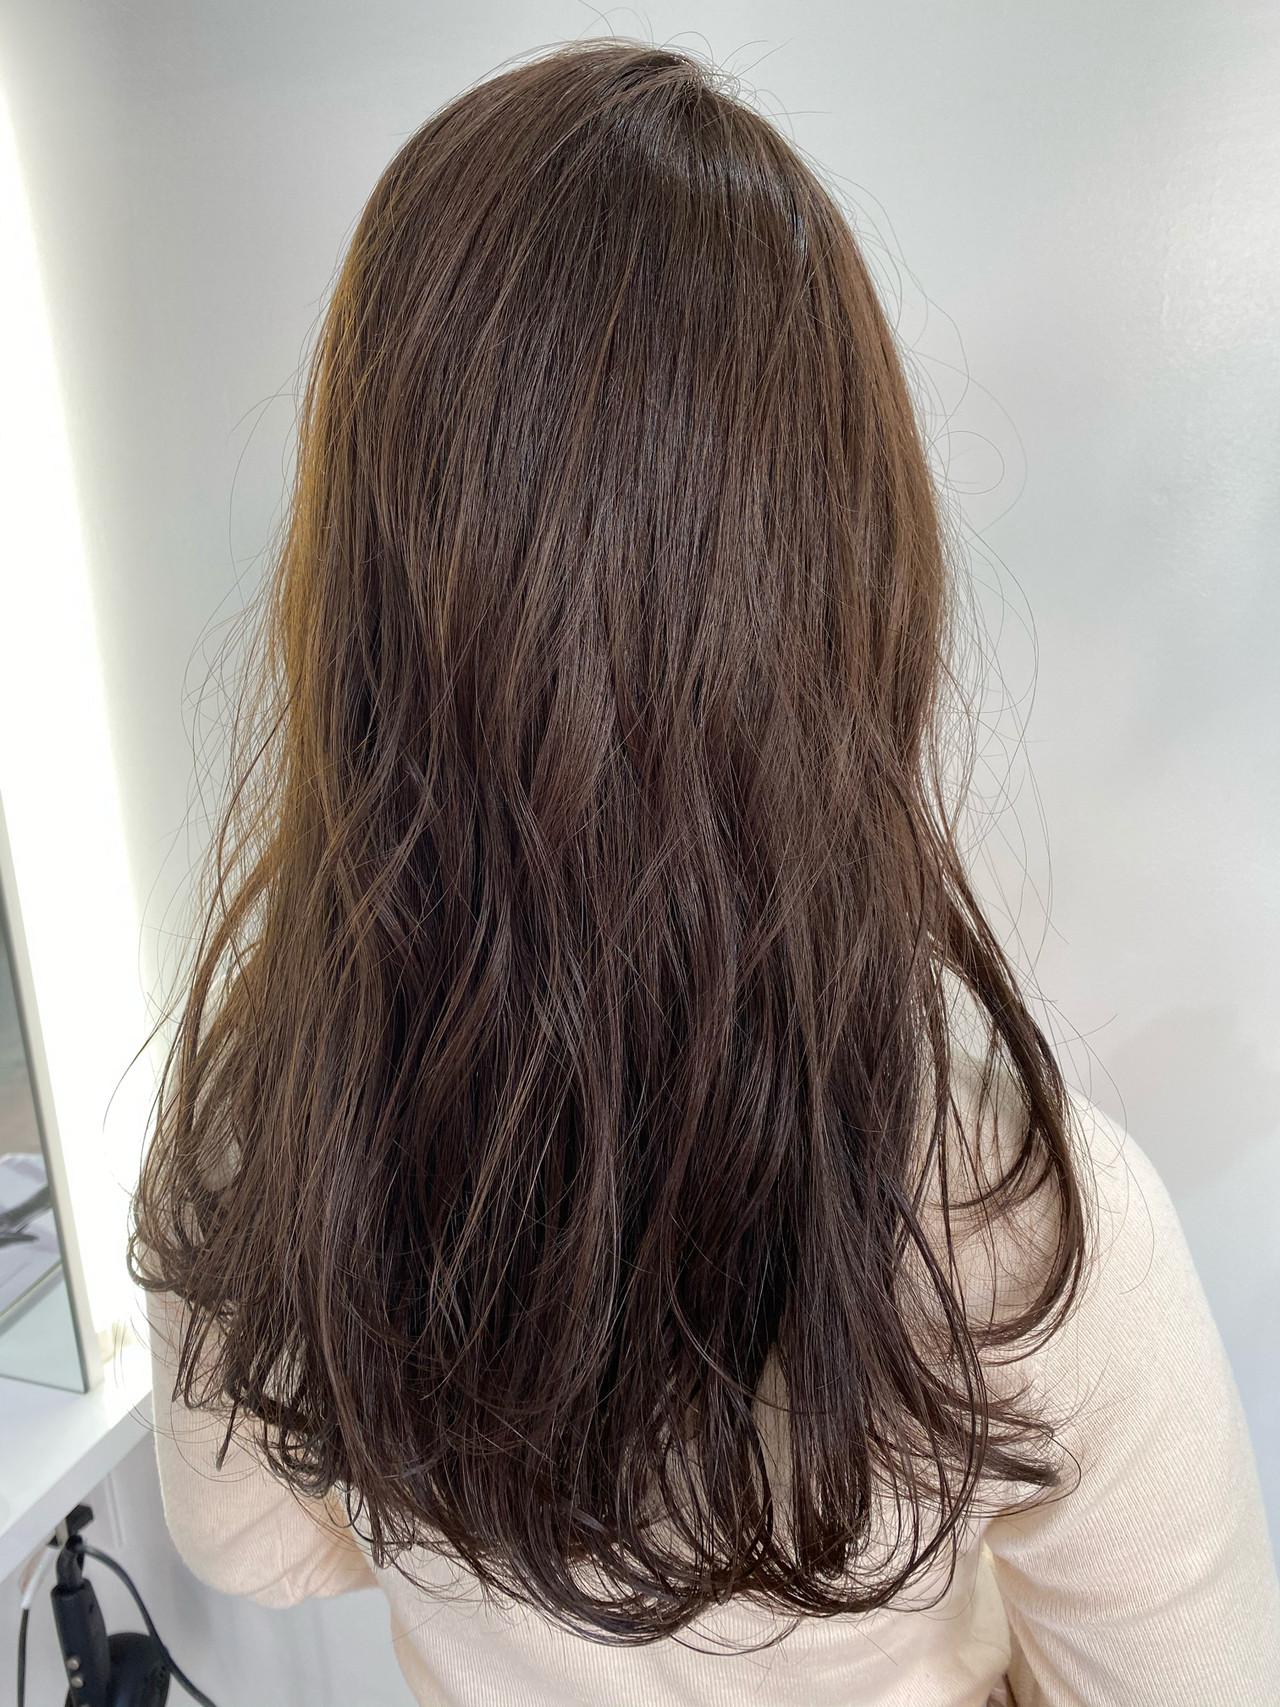 セミロング グレージュ アッシュグレージュ ブラウンベージュ ヘアスタイルや髪型の写真・画像